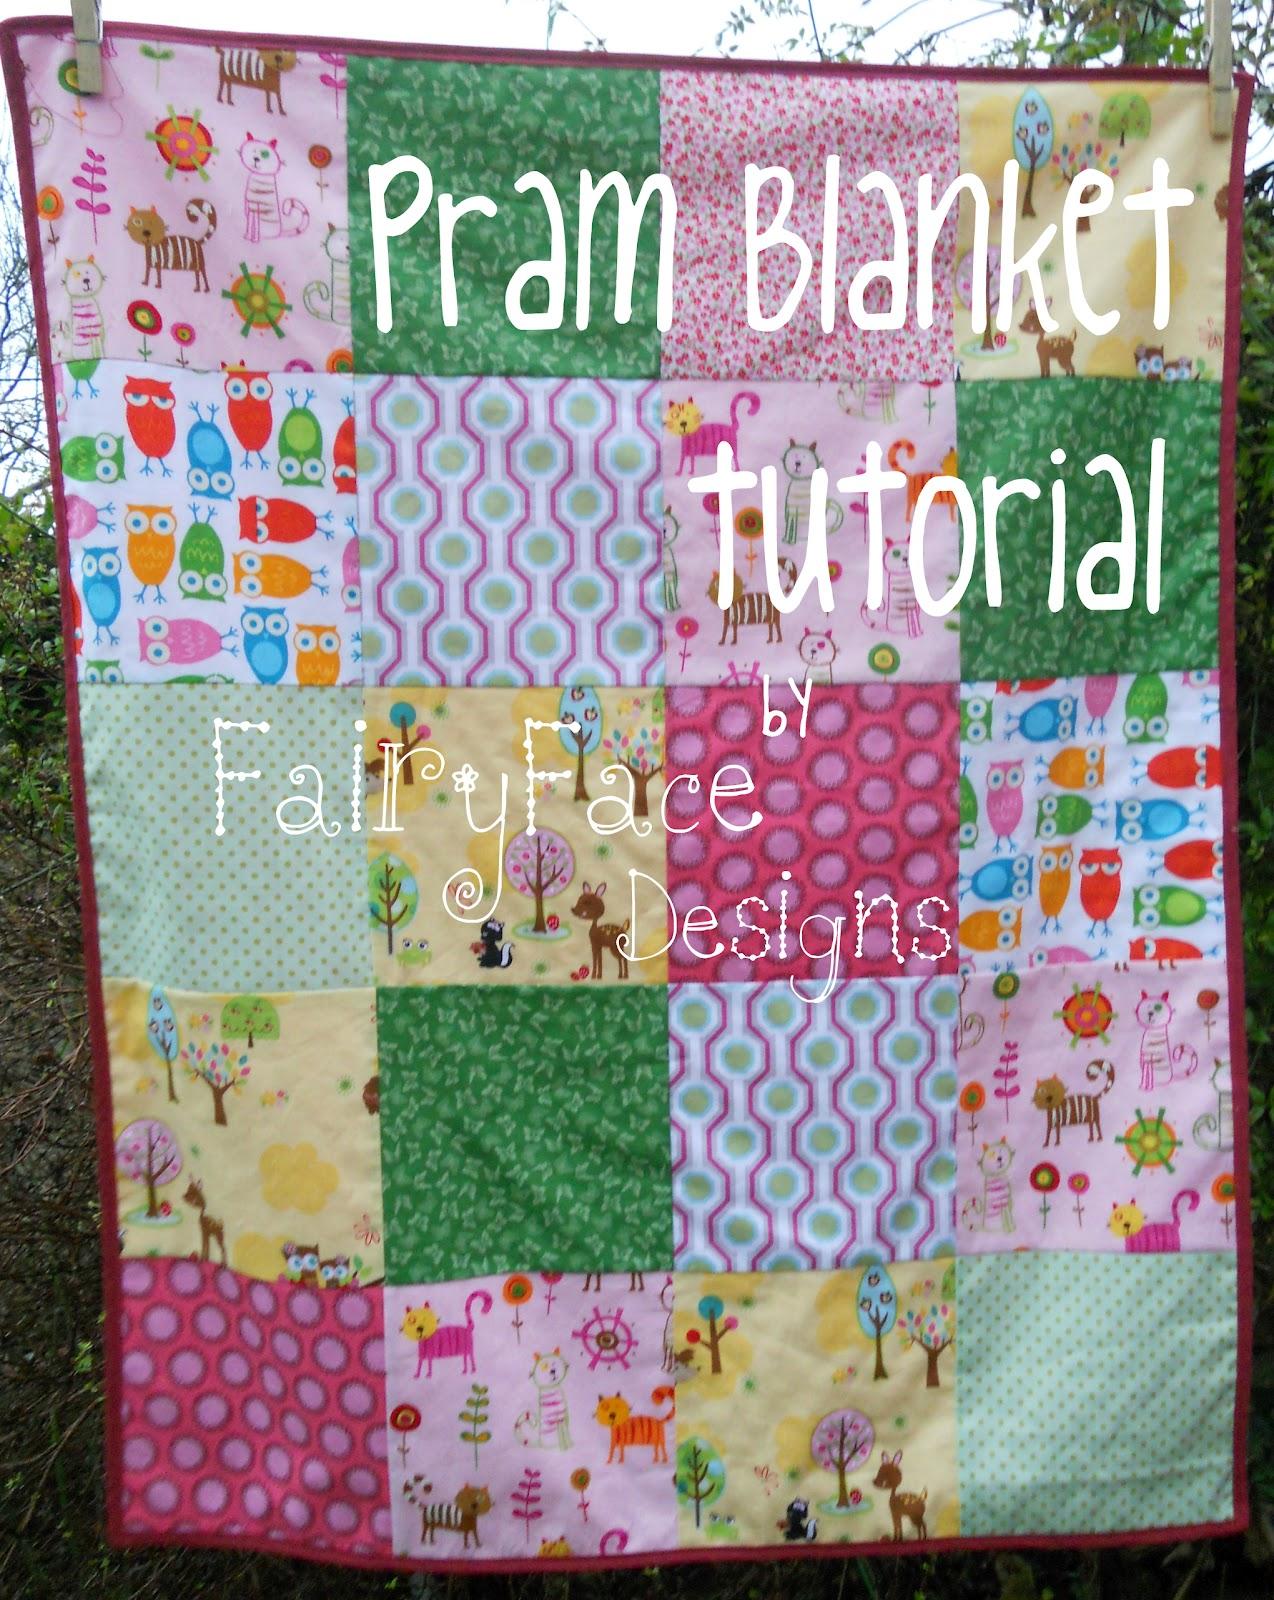 Fairyface Designs Sew Get Started Pram Blanket Tutorial